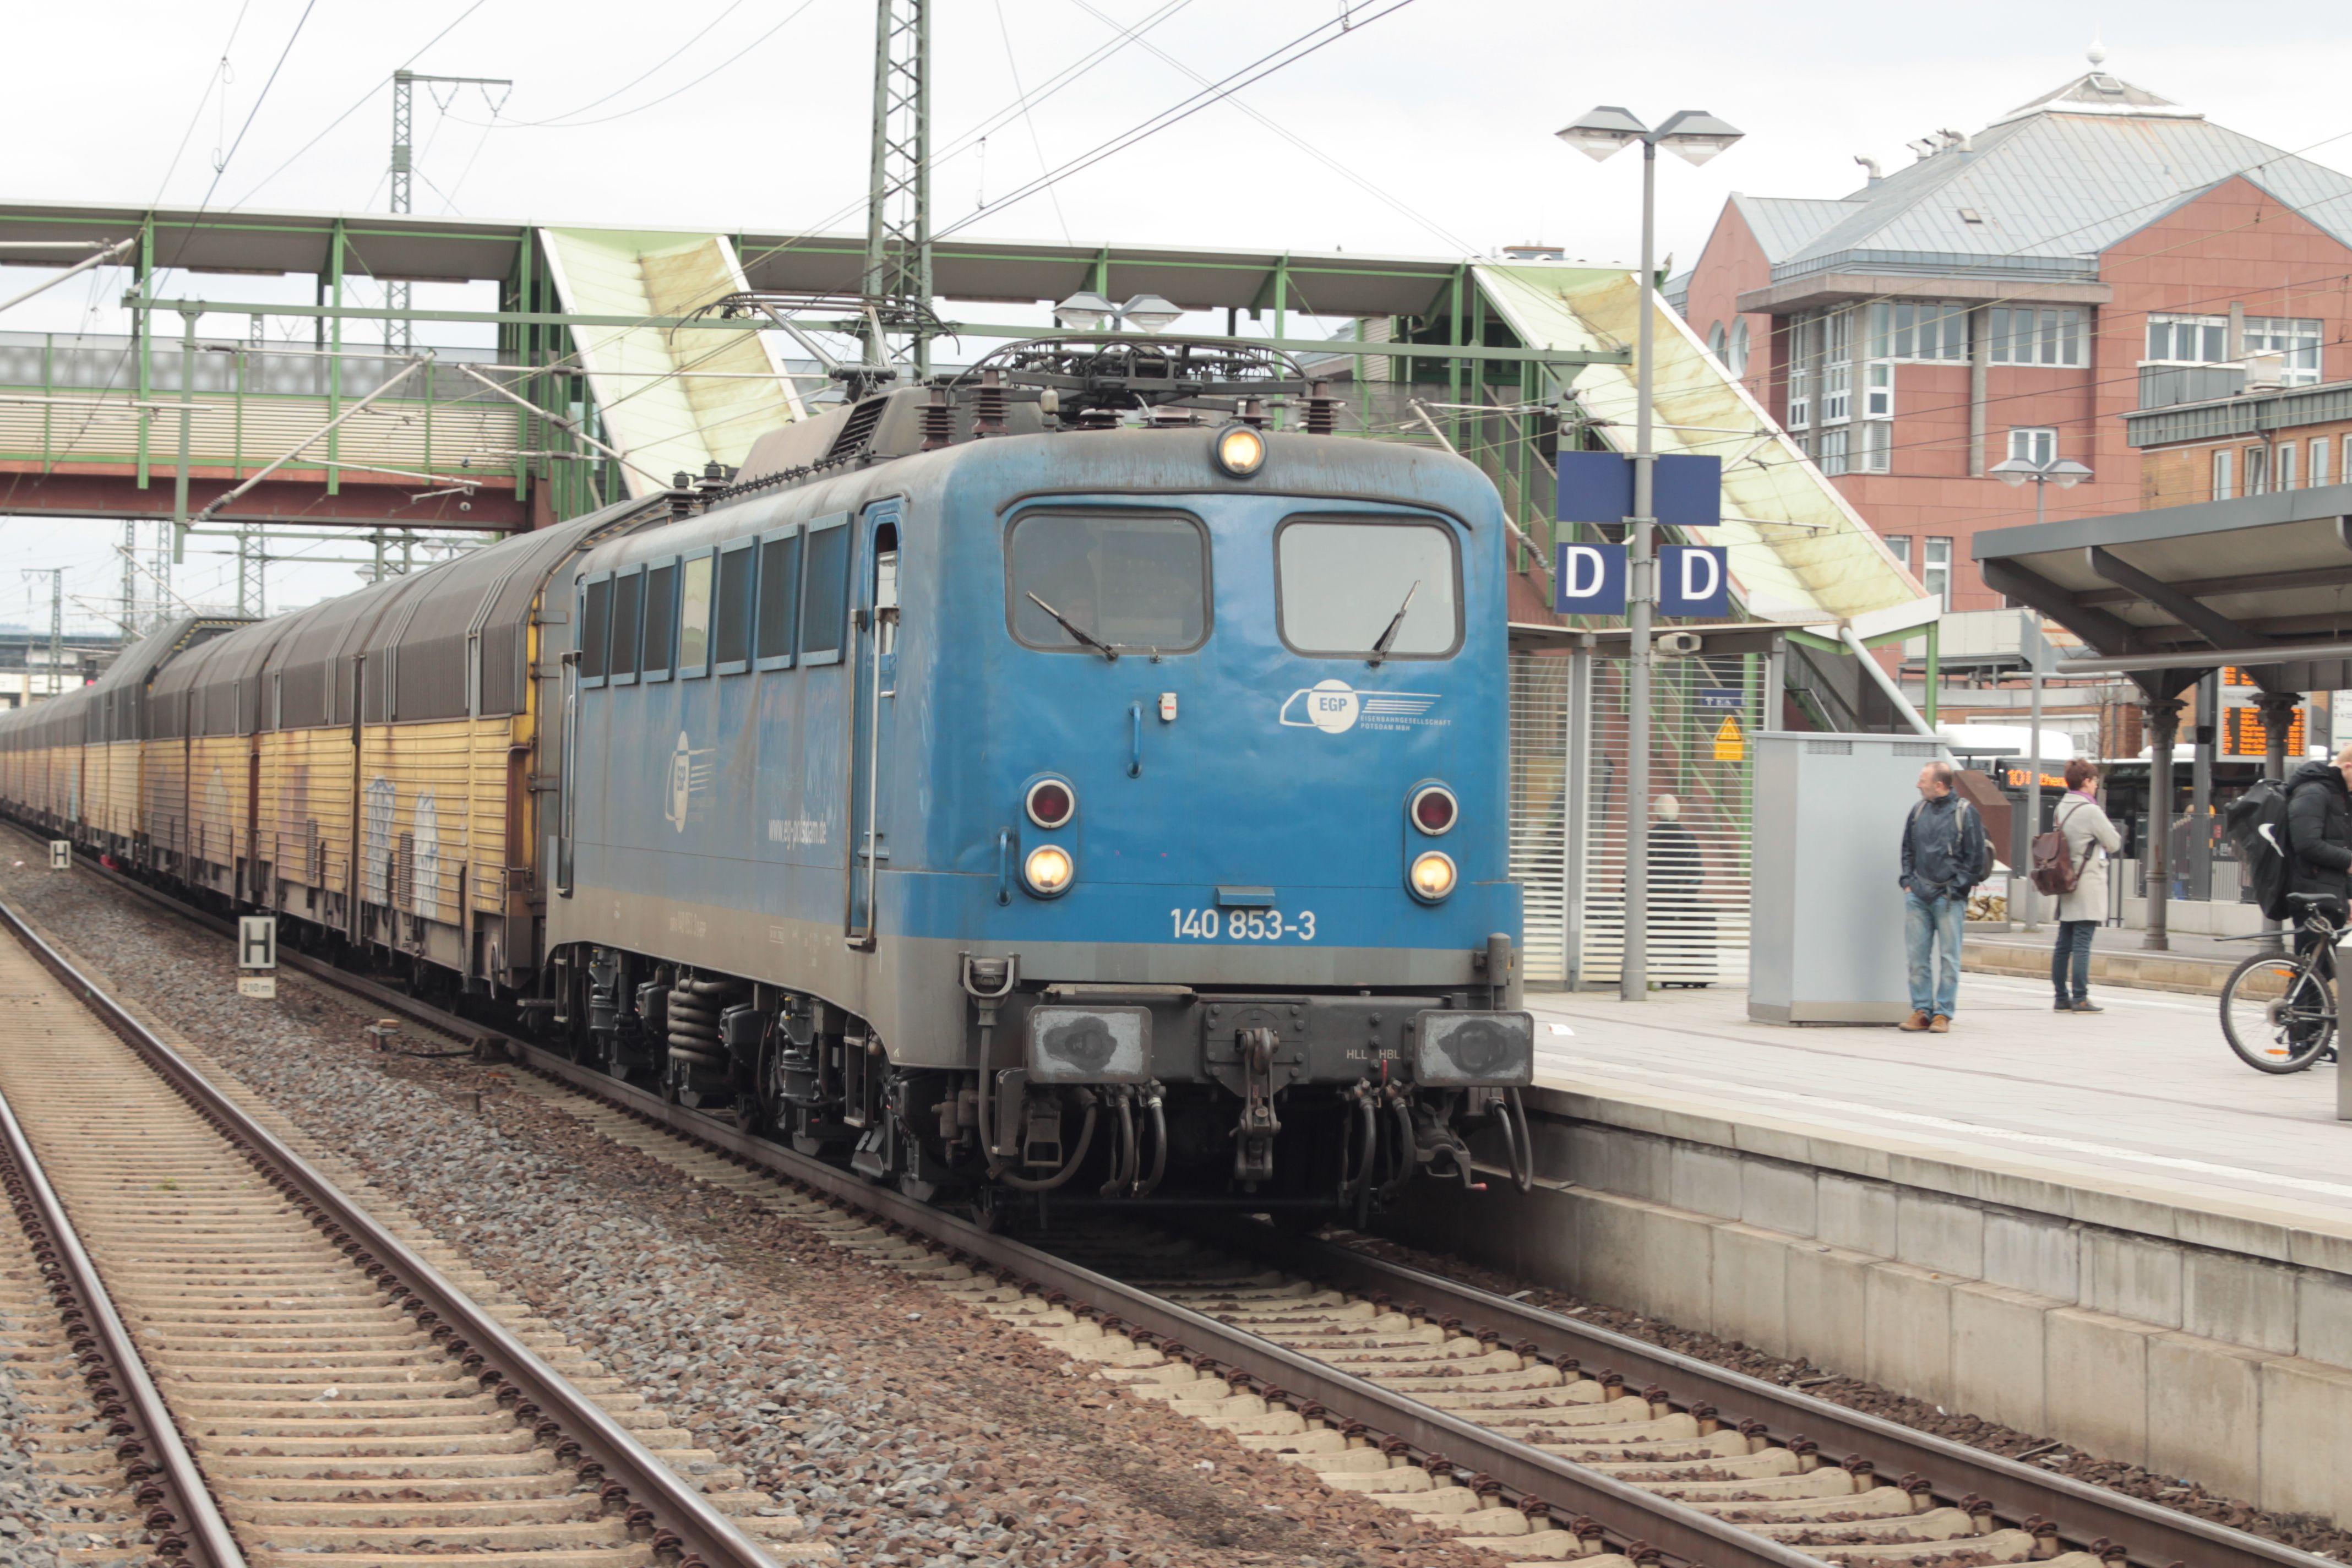 Staumeldung A45 Richtung Frankfurt